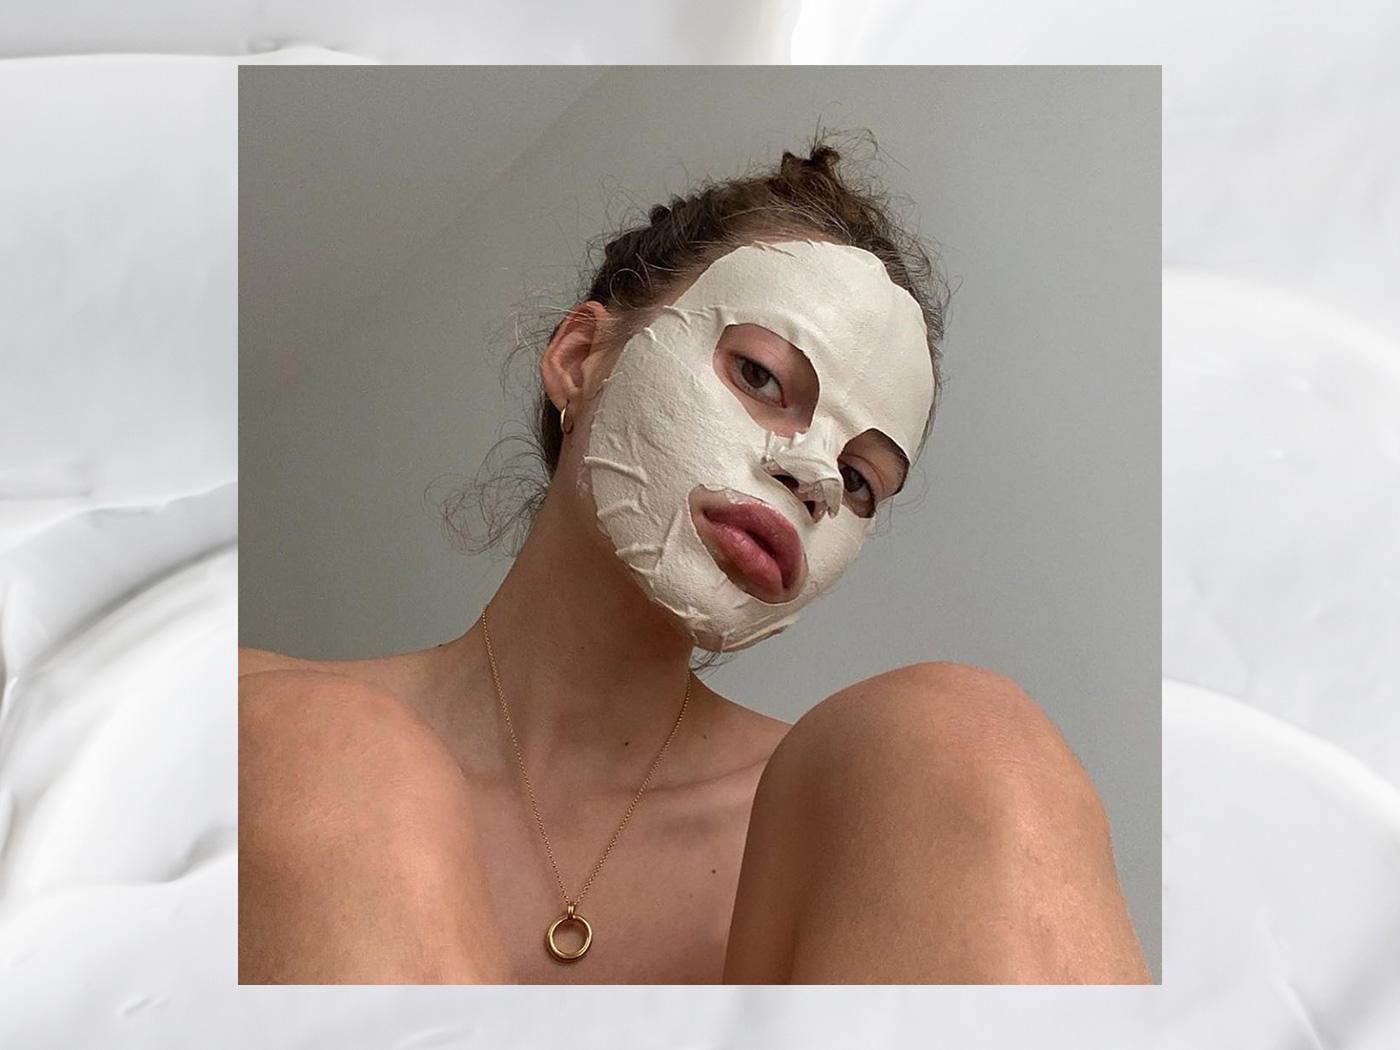 7 μάσκες προσώπου για να… στοκάρεις για όσο ακόμη έχει εκπτώσεις!